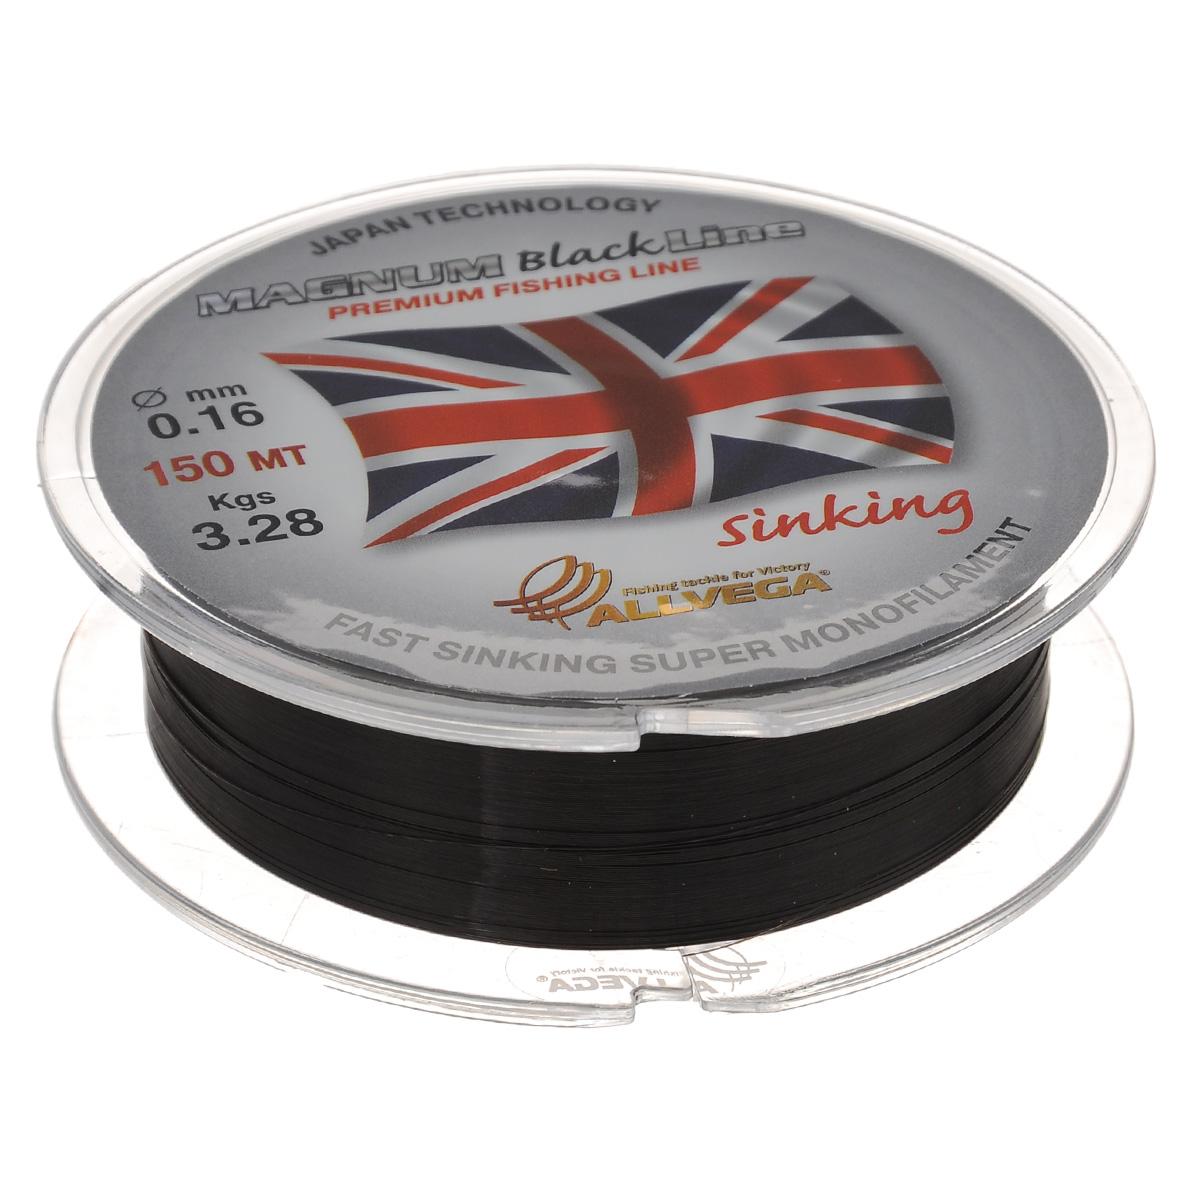 Леска Allvega Magnum Black, цвет: черный, 150 м, 0,16 мм, 3,28 кг39926Специальная тонущая леска Allvega Magnum Black. Темный цвет, способность быстро тонуть, отсутствие механической памяти, жесткость, устойчивость к частым перезабросам и внешним механическим воздействиям, делают эту леску незаменимой для поплавочной ловли дальним забросом. Однако, ее физические свойства позволяют с успехом ловить не только на поплавочную снасть, но и на фидер, донки всех видов, а так же использовать ее при подледной ловле в зимней поплавочной удочке.